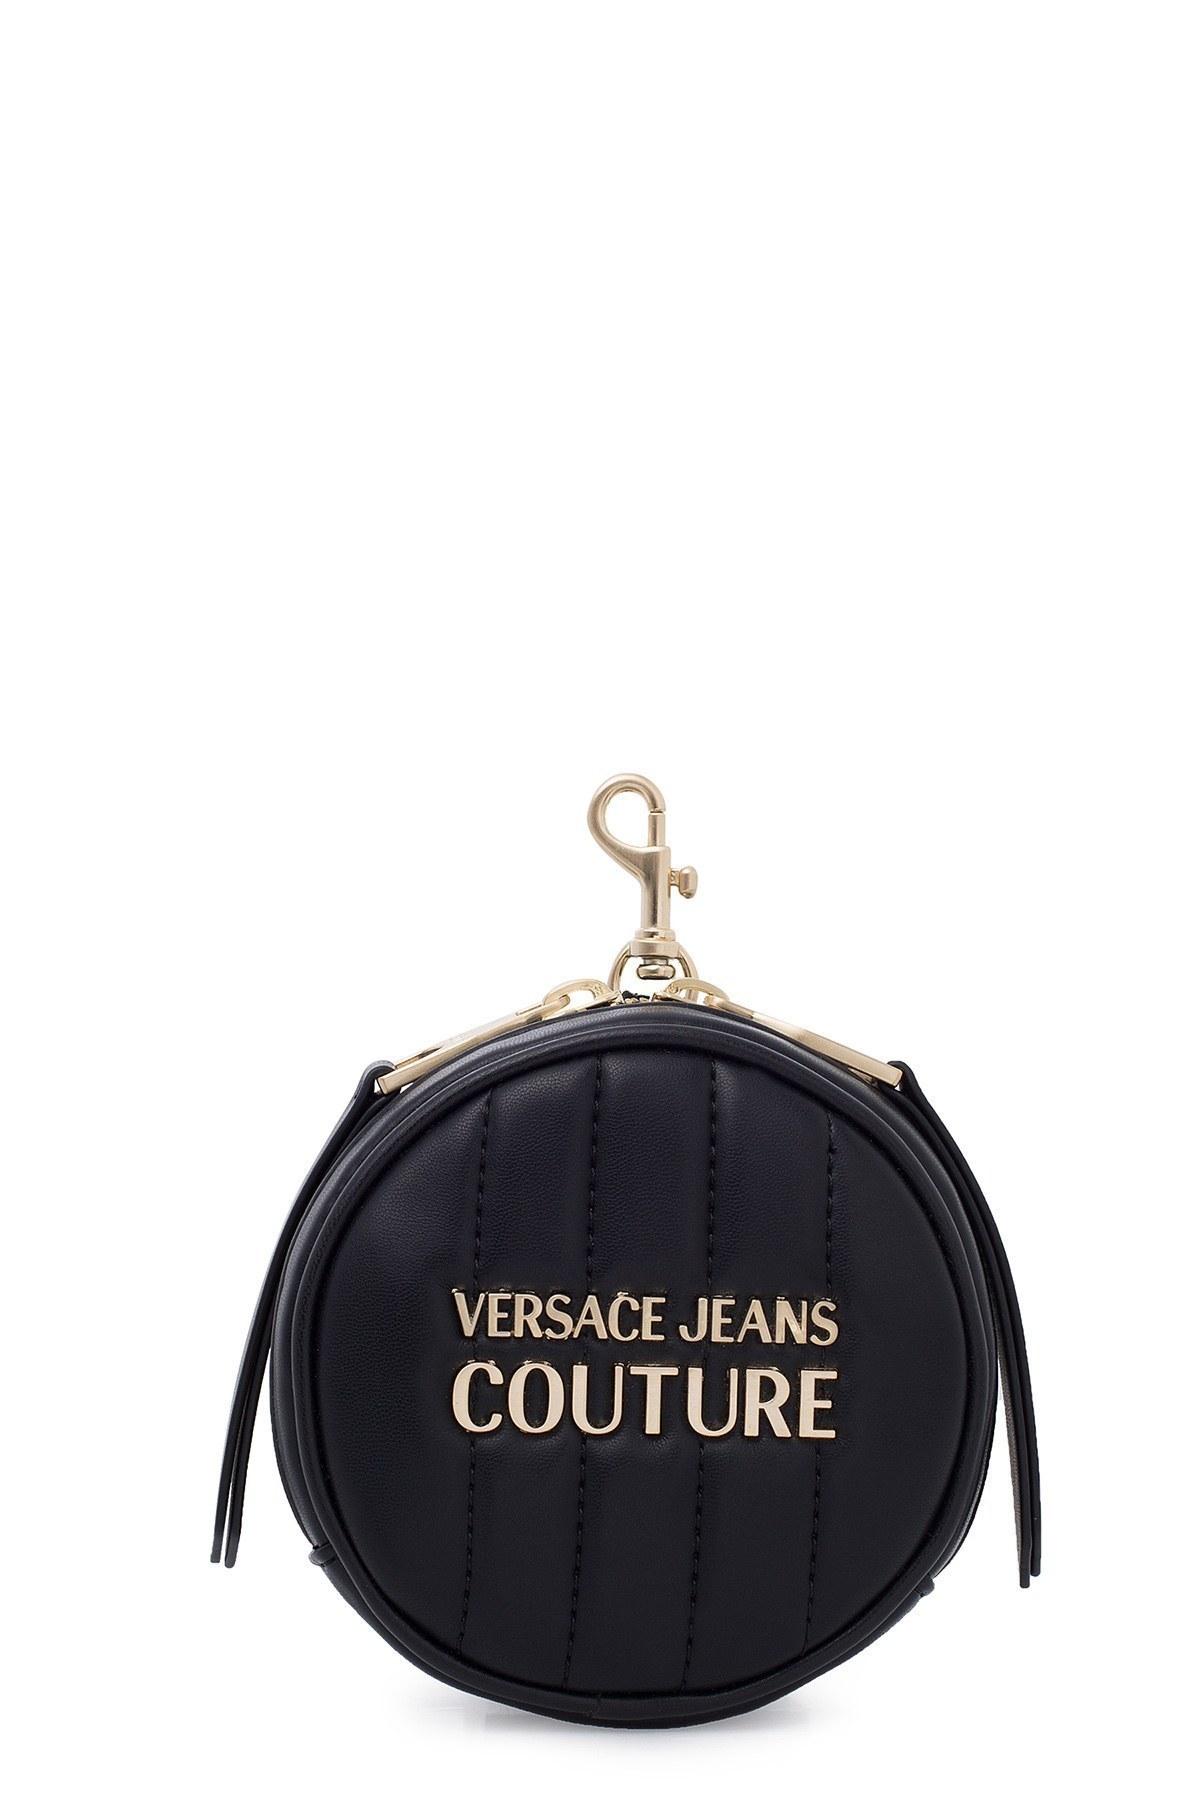 Versace Jeans Couture Bayan Cüzdan E3VVBPQB 71418 899 SİYAH